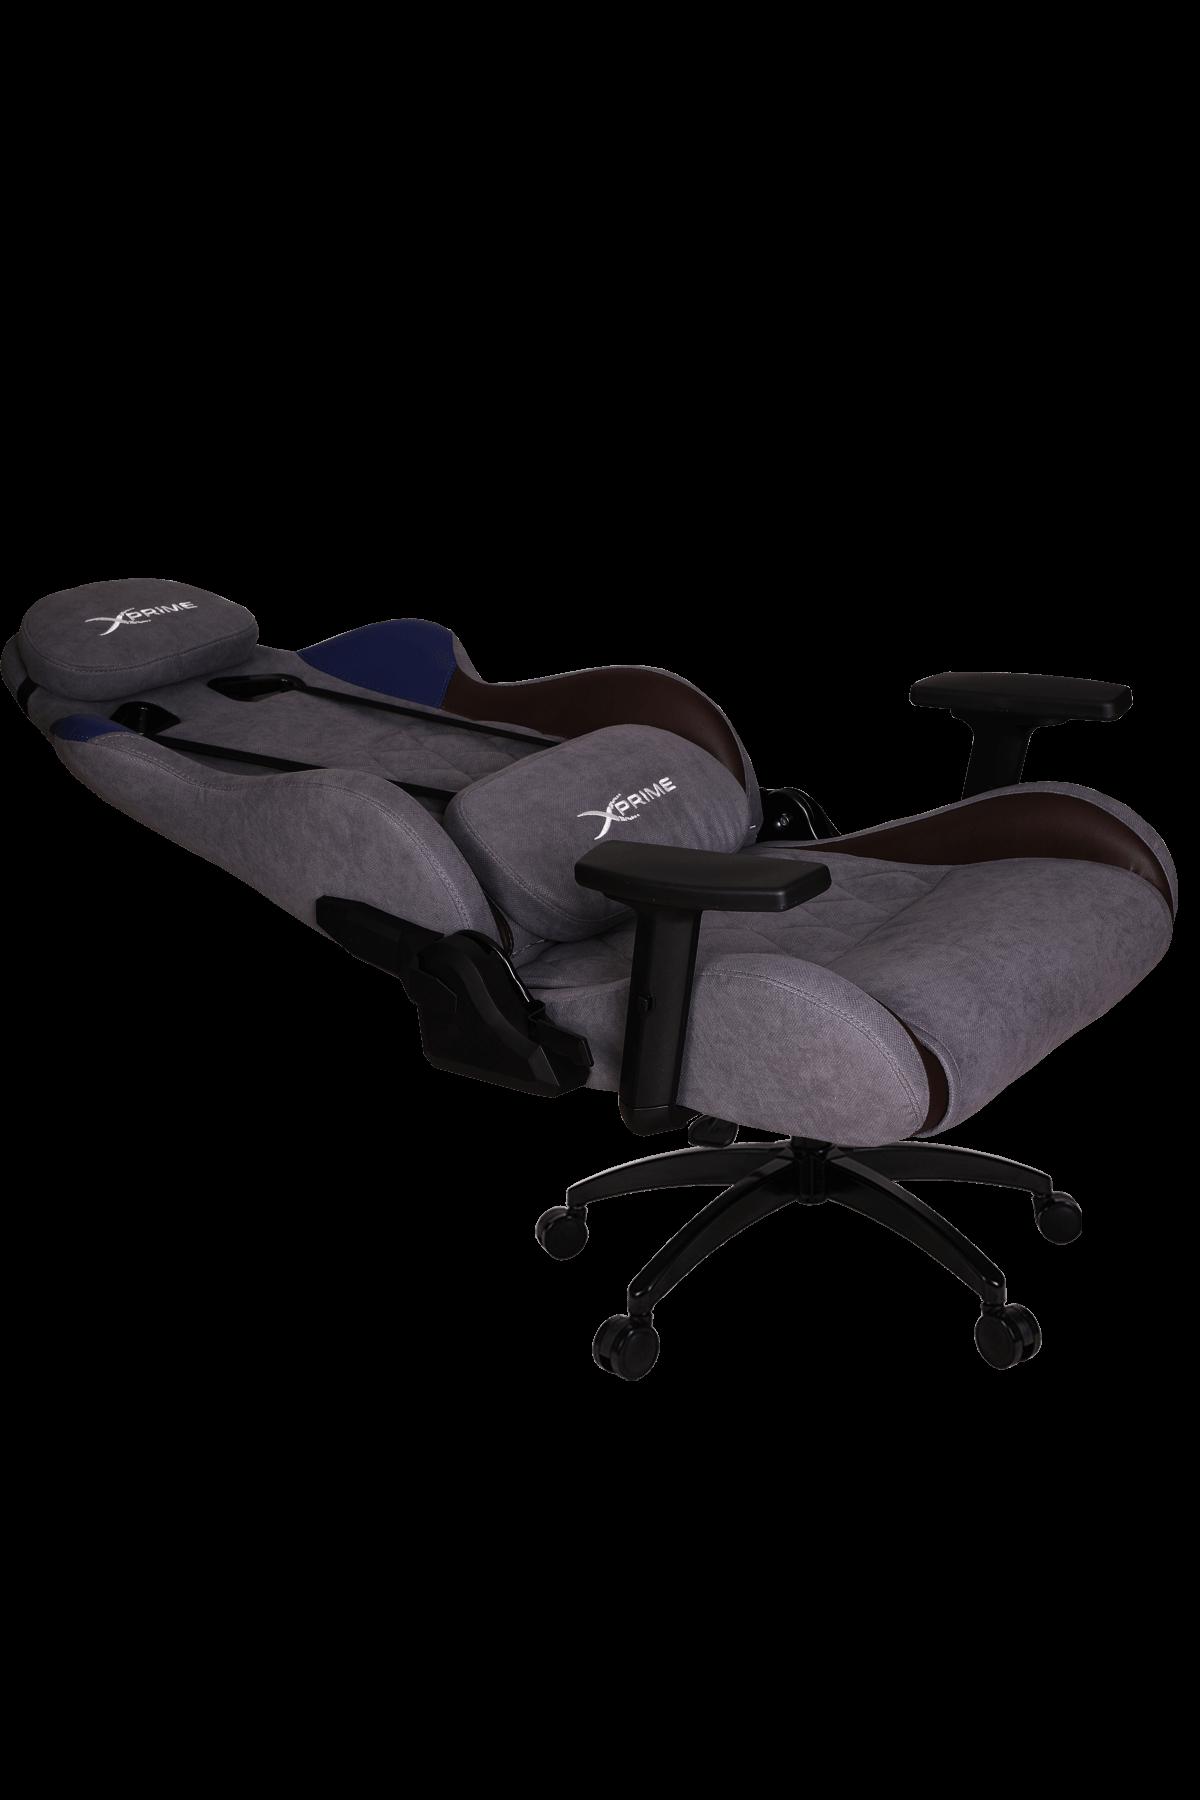 Cool Oyuncu Koltuğu Kumaş, 180° derece geriye yatma